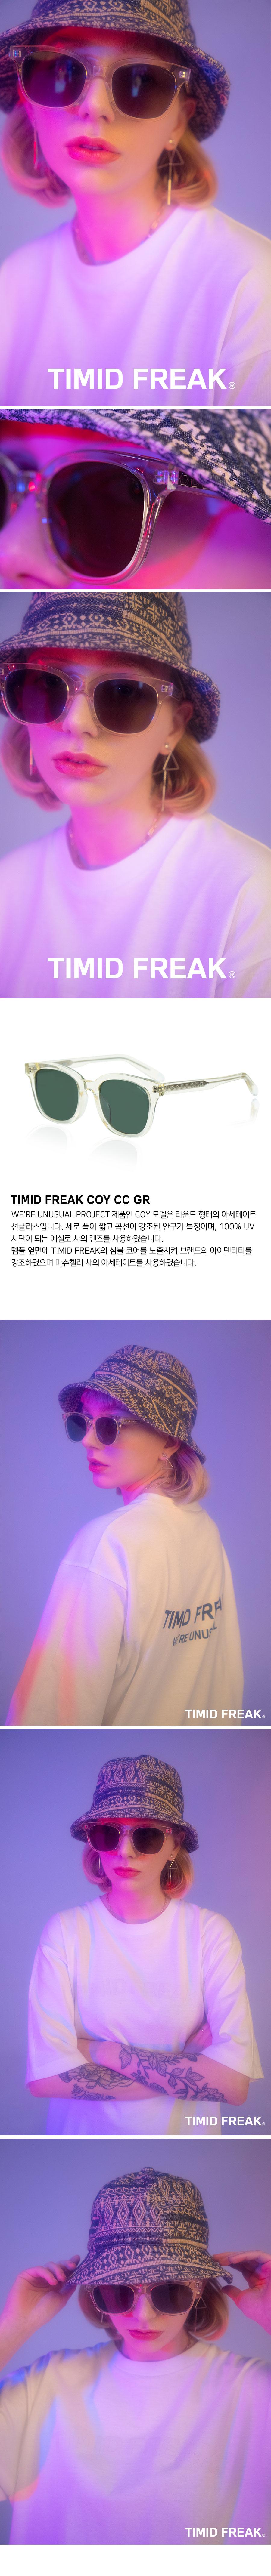 COY-CC-GR-900-10000.jpg